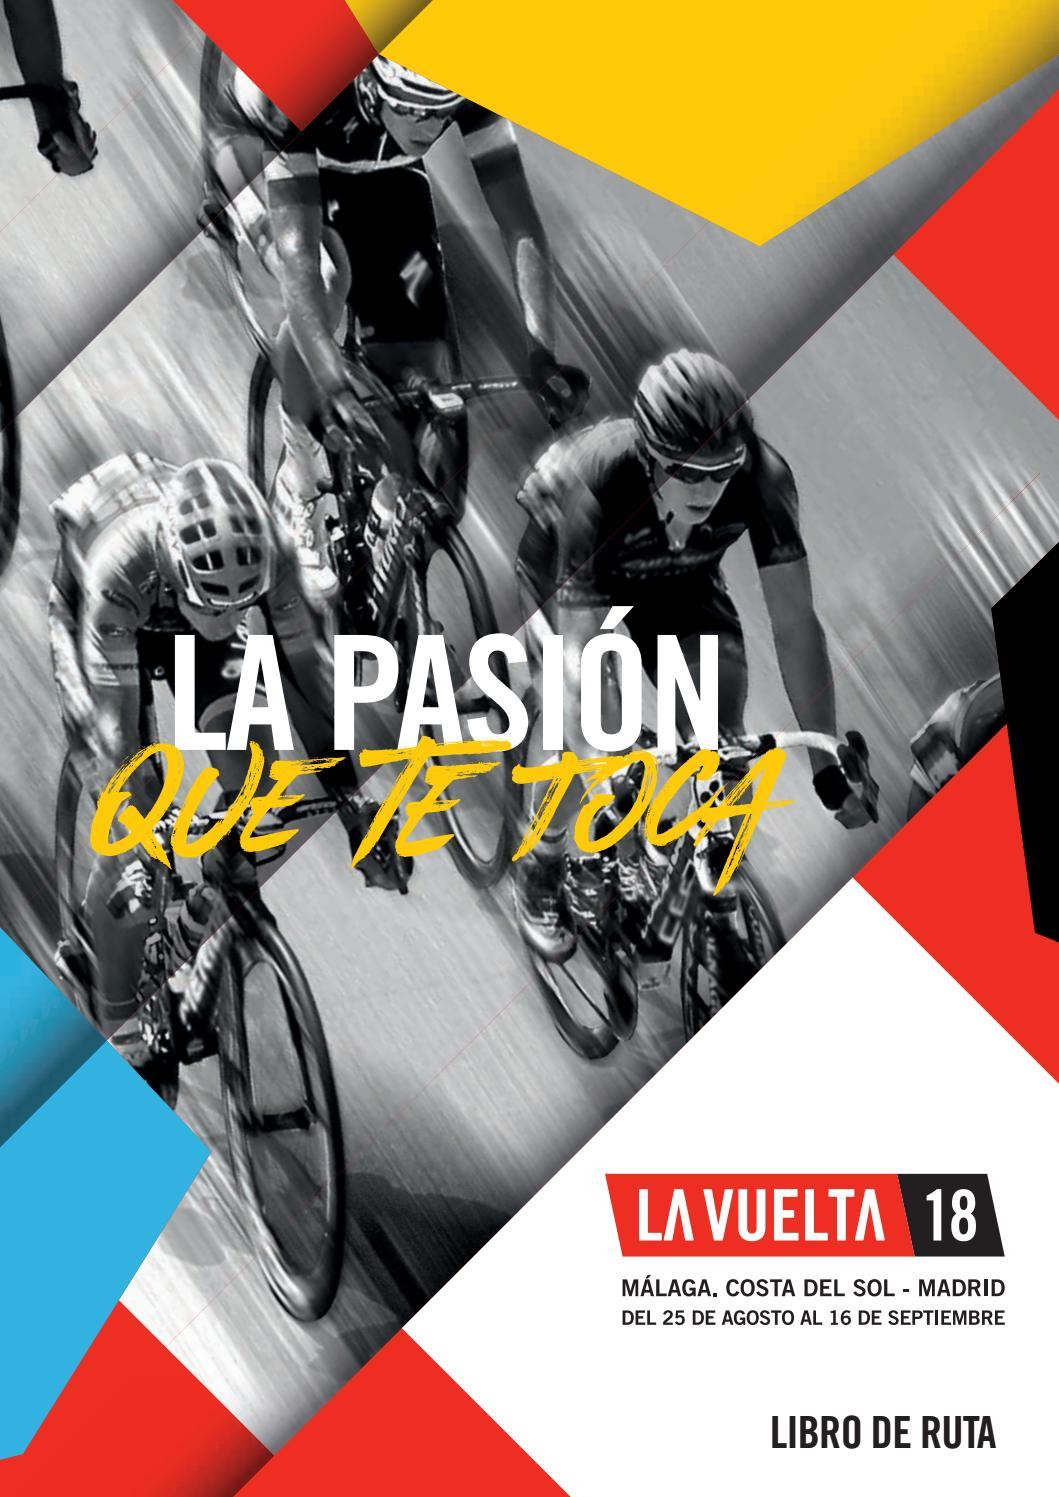 474e387c77 Libro de Ruta Vuelta 2018 by Gerardo Rey - issuu